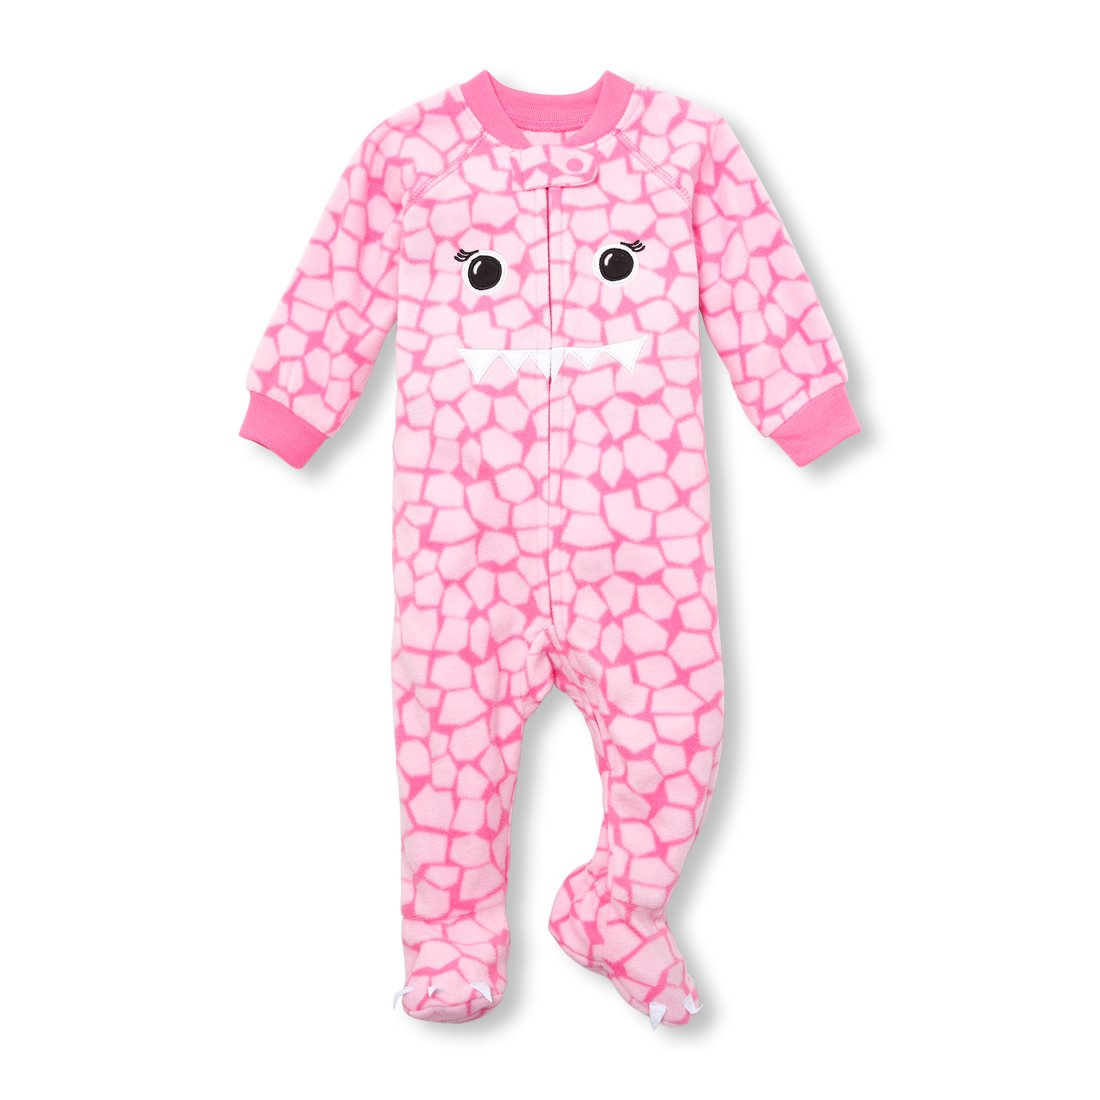 新品即決 The Children's 3 Place SLEEPWEAR ベビーガールズ Blast 0 Place - 3 Months Pink Blast B079SH7W2F, 宇治田原町:0bf5f362 --- a0267596.xsph.ru